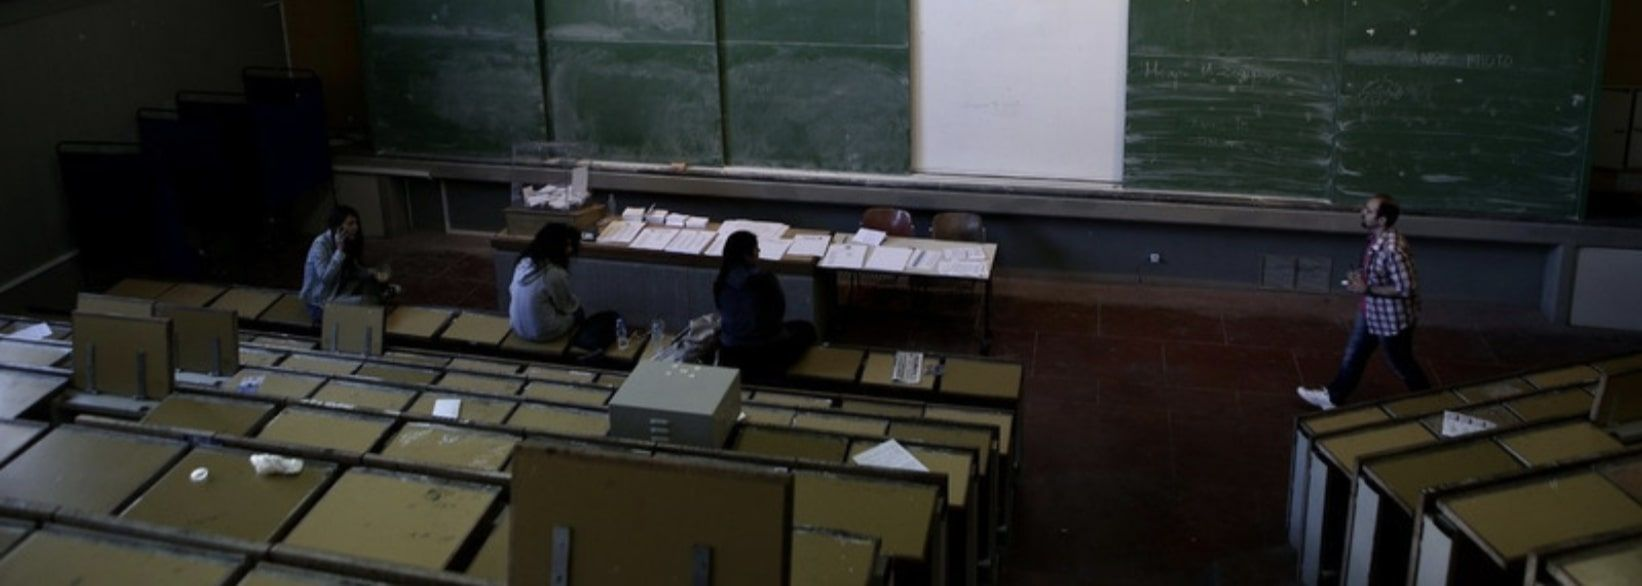 Αναρτήθηκαν τα Αποτελέσματα των Μετεγγραφών Αδελφών Φοιτητών – Δείτε τα ΕΔΩ!